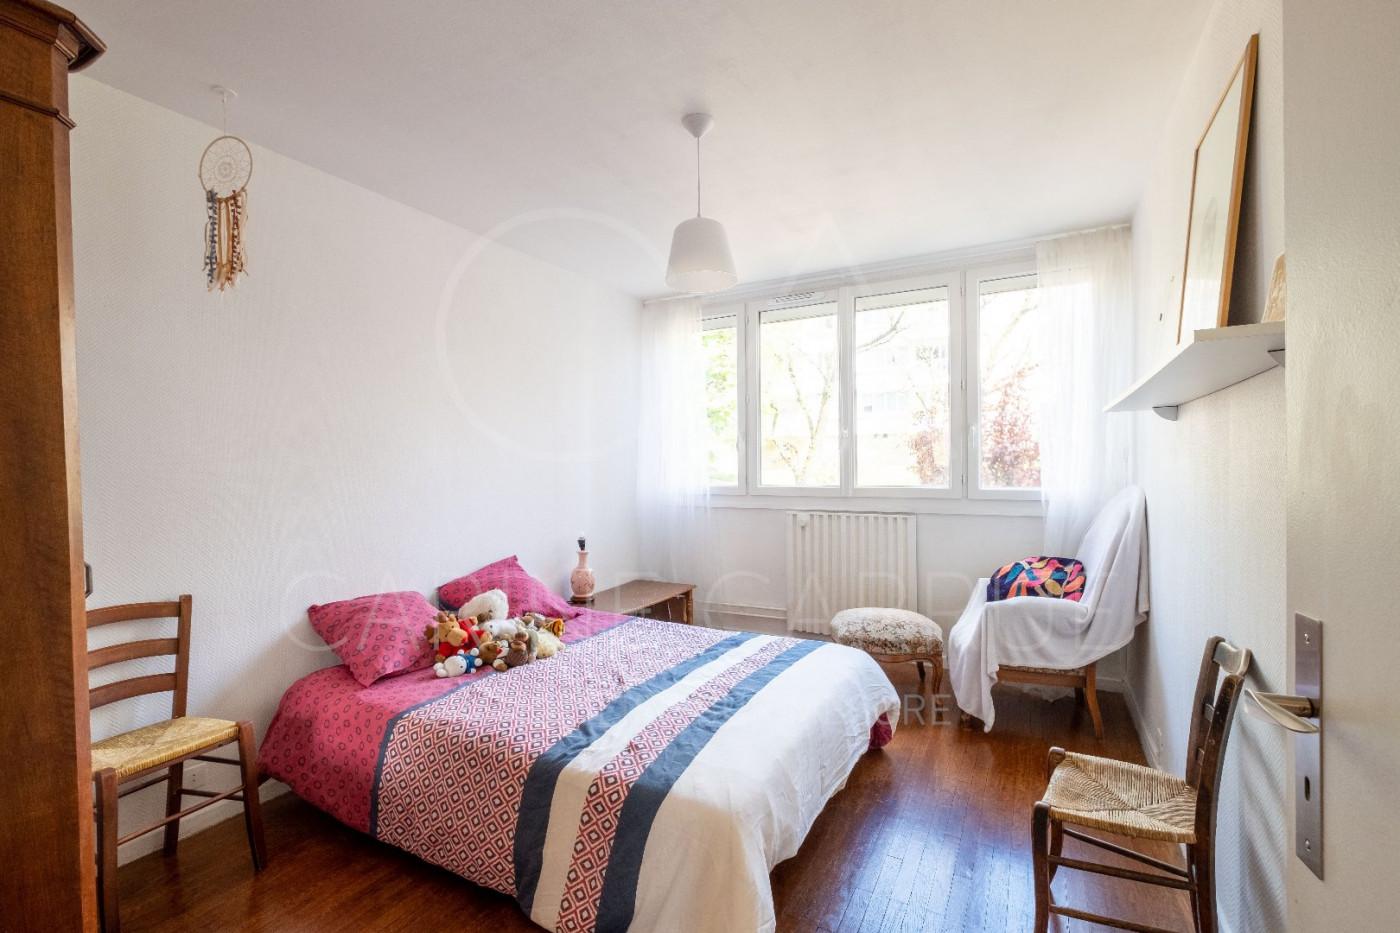 A vendre  Tassin La Demi Lune | Réf 6902465 - Carrue immobilier